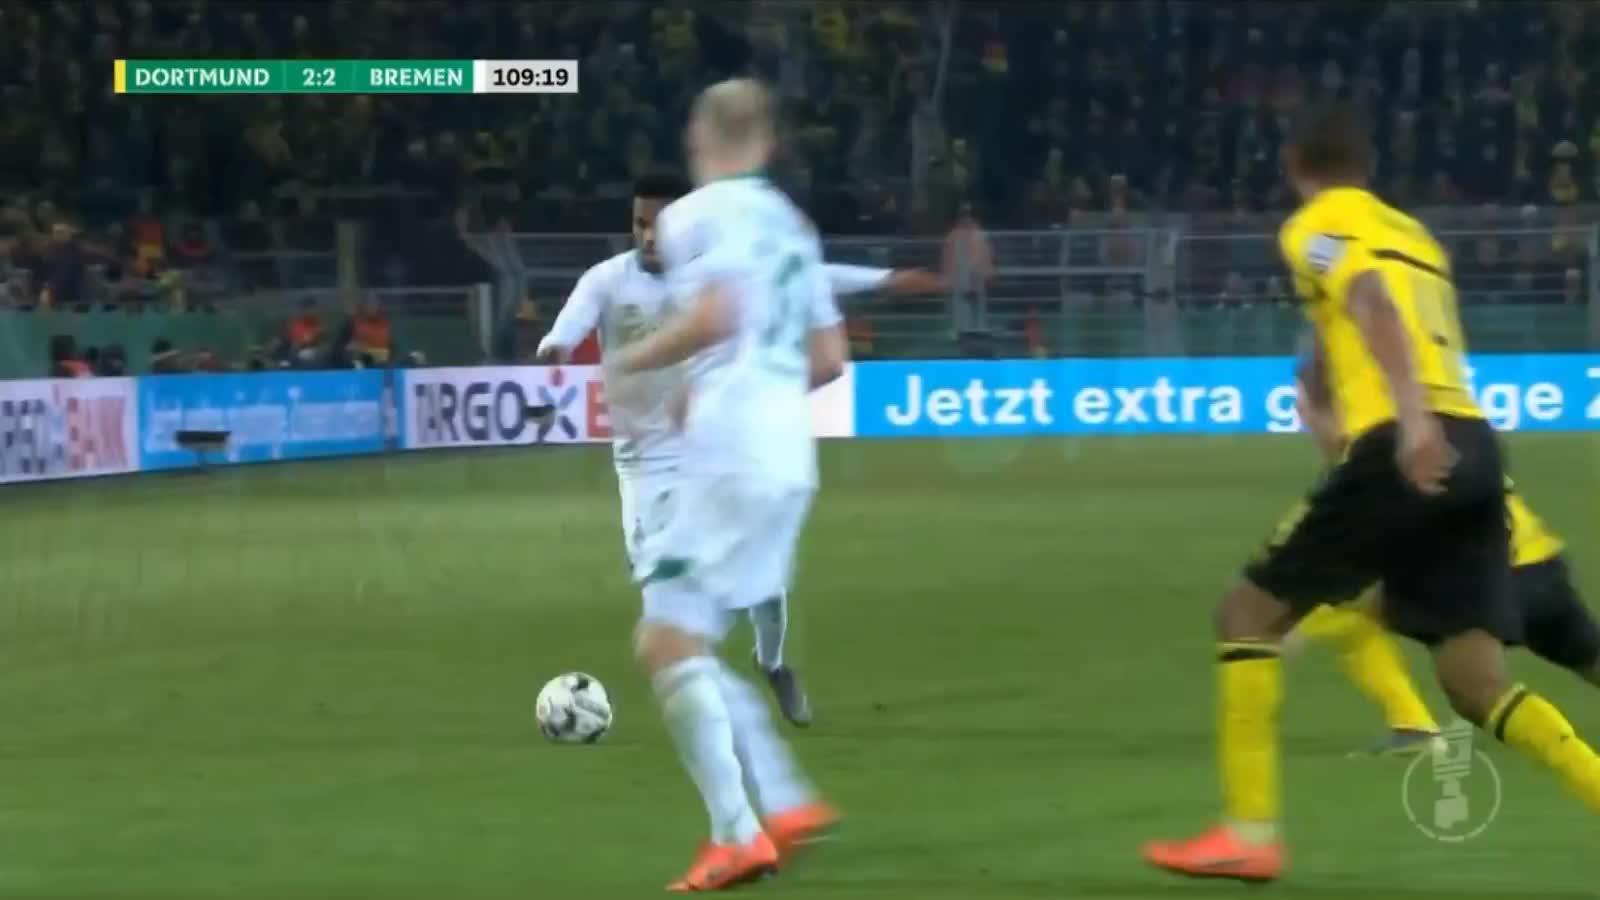 fifa, goal, goals, soccer, sports, werder bremen, Goal GIFs